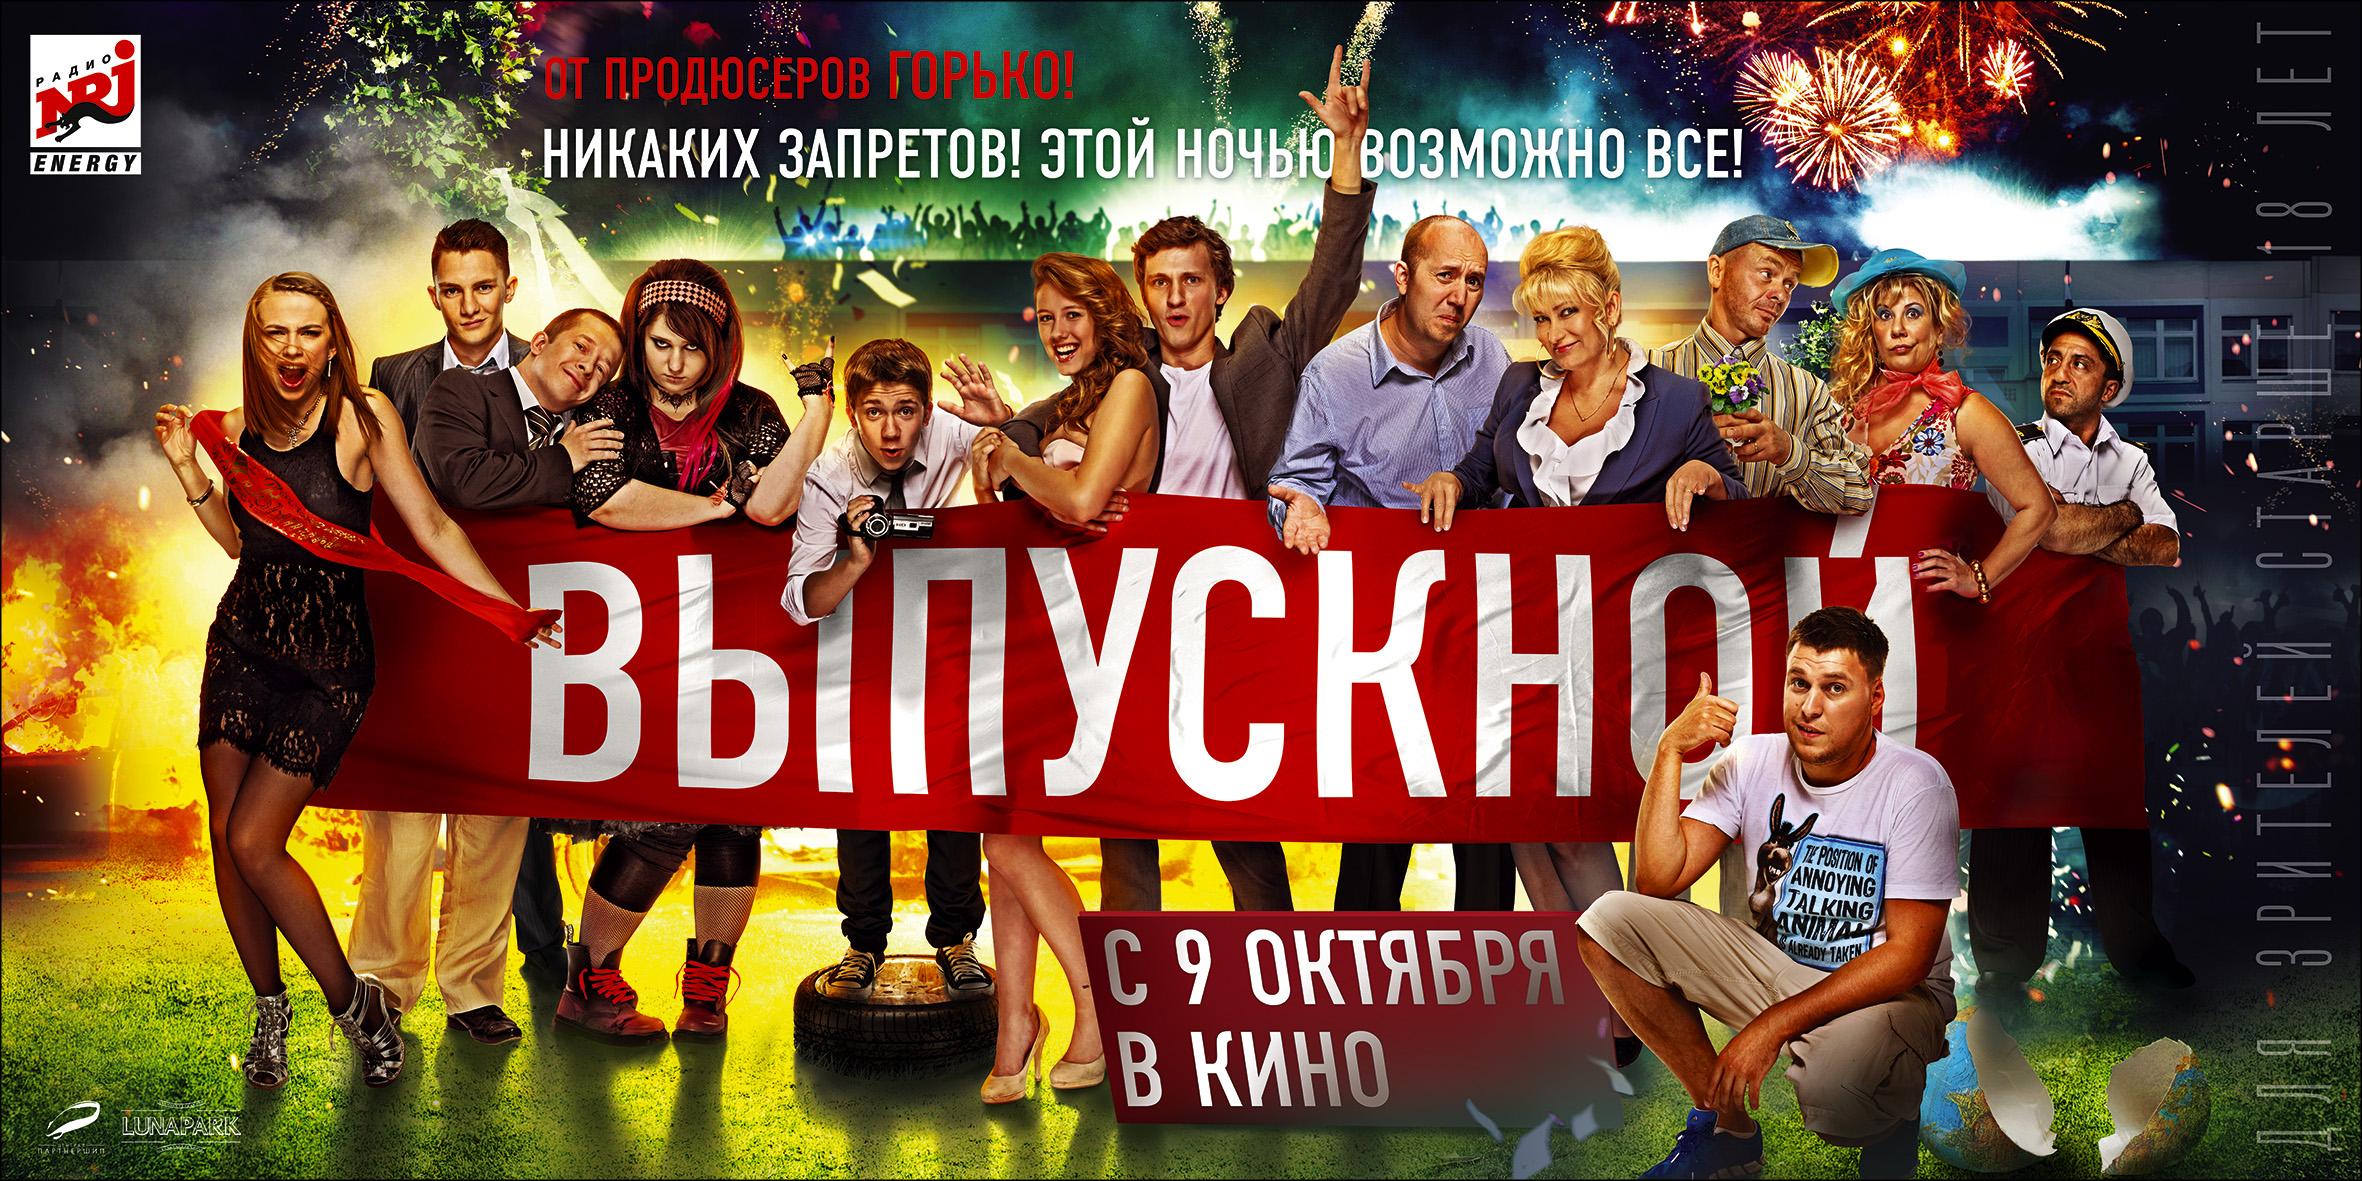 плакат фильма баннер Выпускной